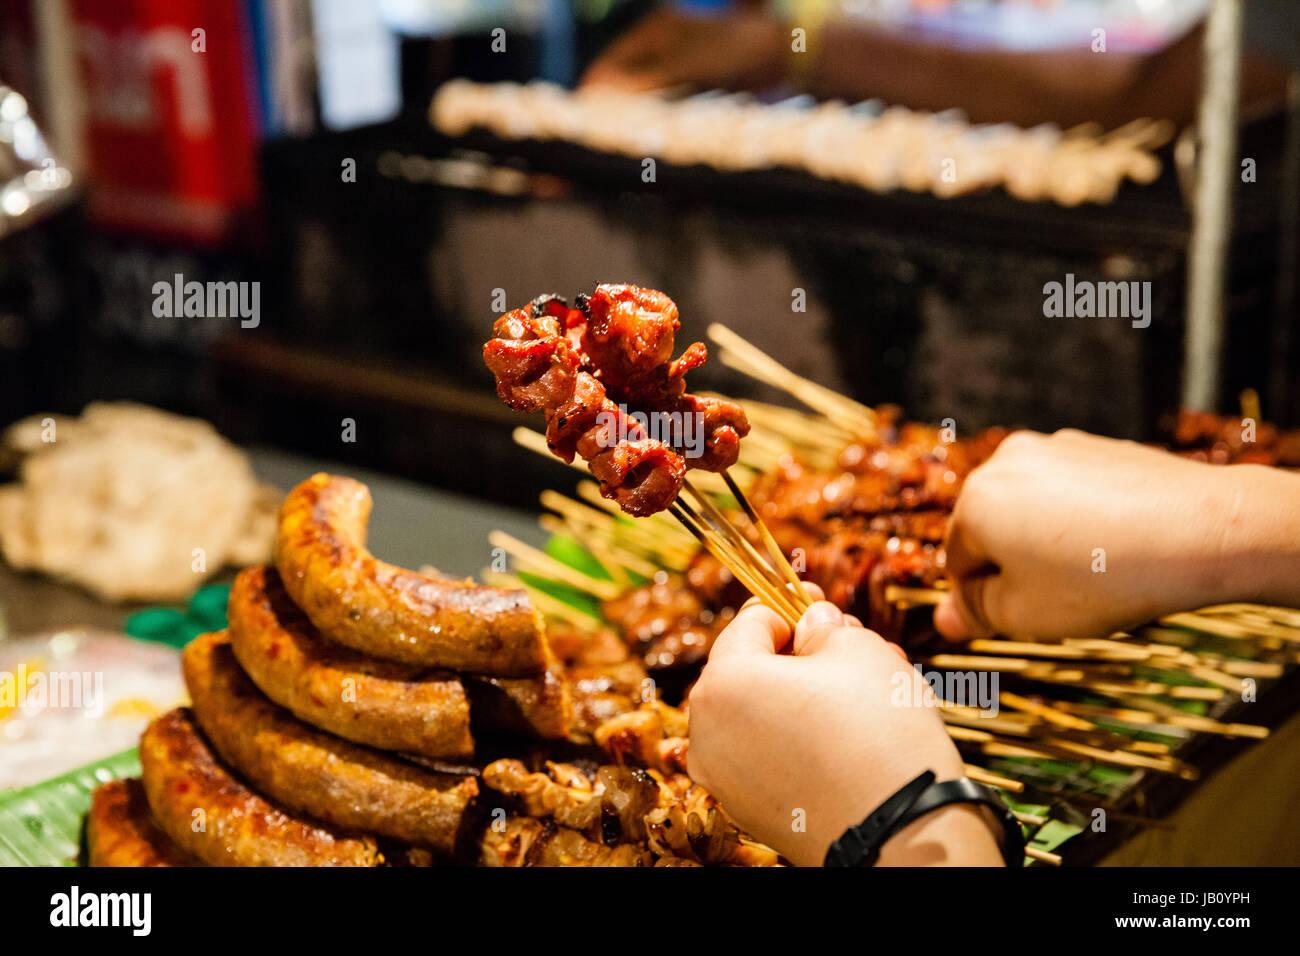 CHIANG MAI, THAILAND - 27 AUGUST: Mann kauft gegrilltes Schweinefleisch am Spieß auf dem Sonntagsmarkt (Walking Stockbild